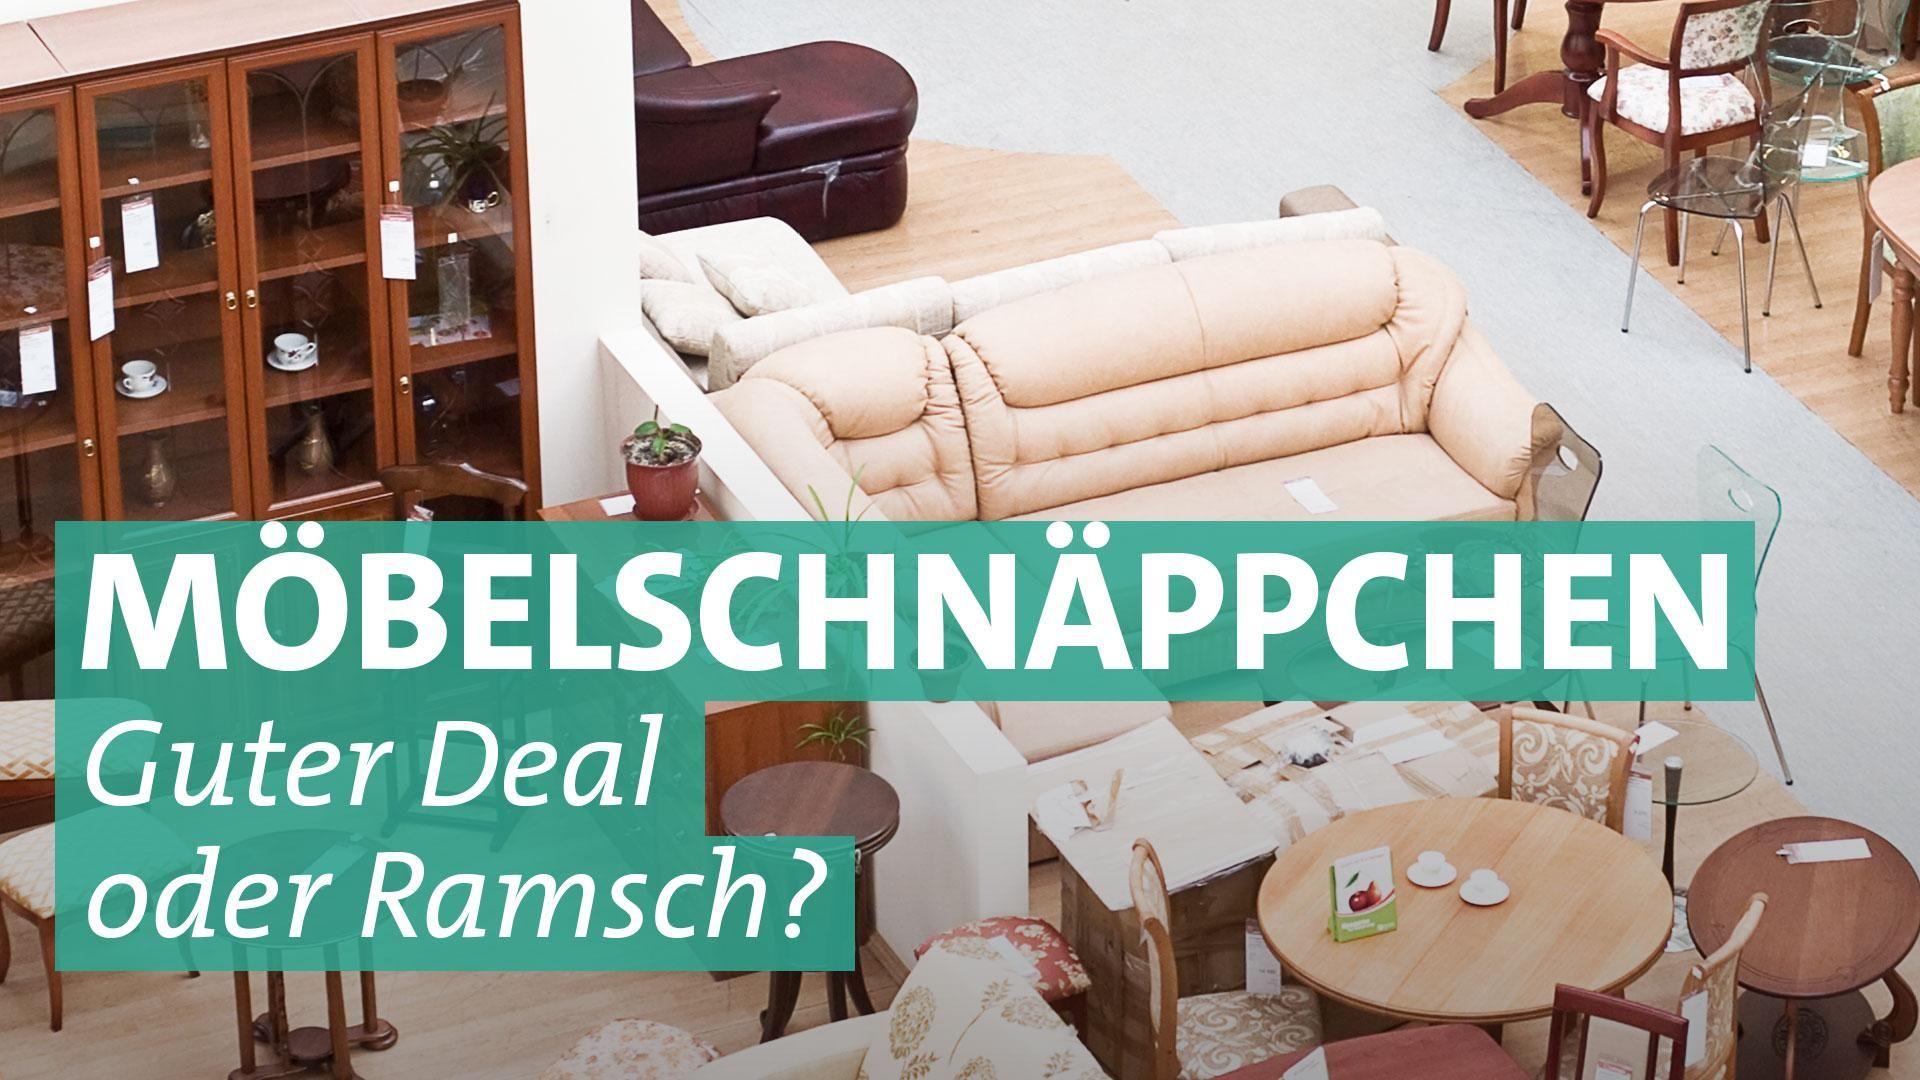 Rabatt Angebote Der Möbelhäuser Guter Deal Oder Ramsch Rabatt Gemusterte Teppiche Privathaushalt